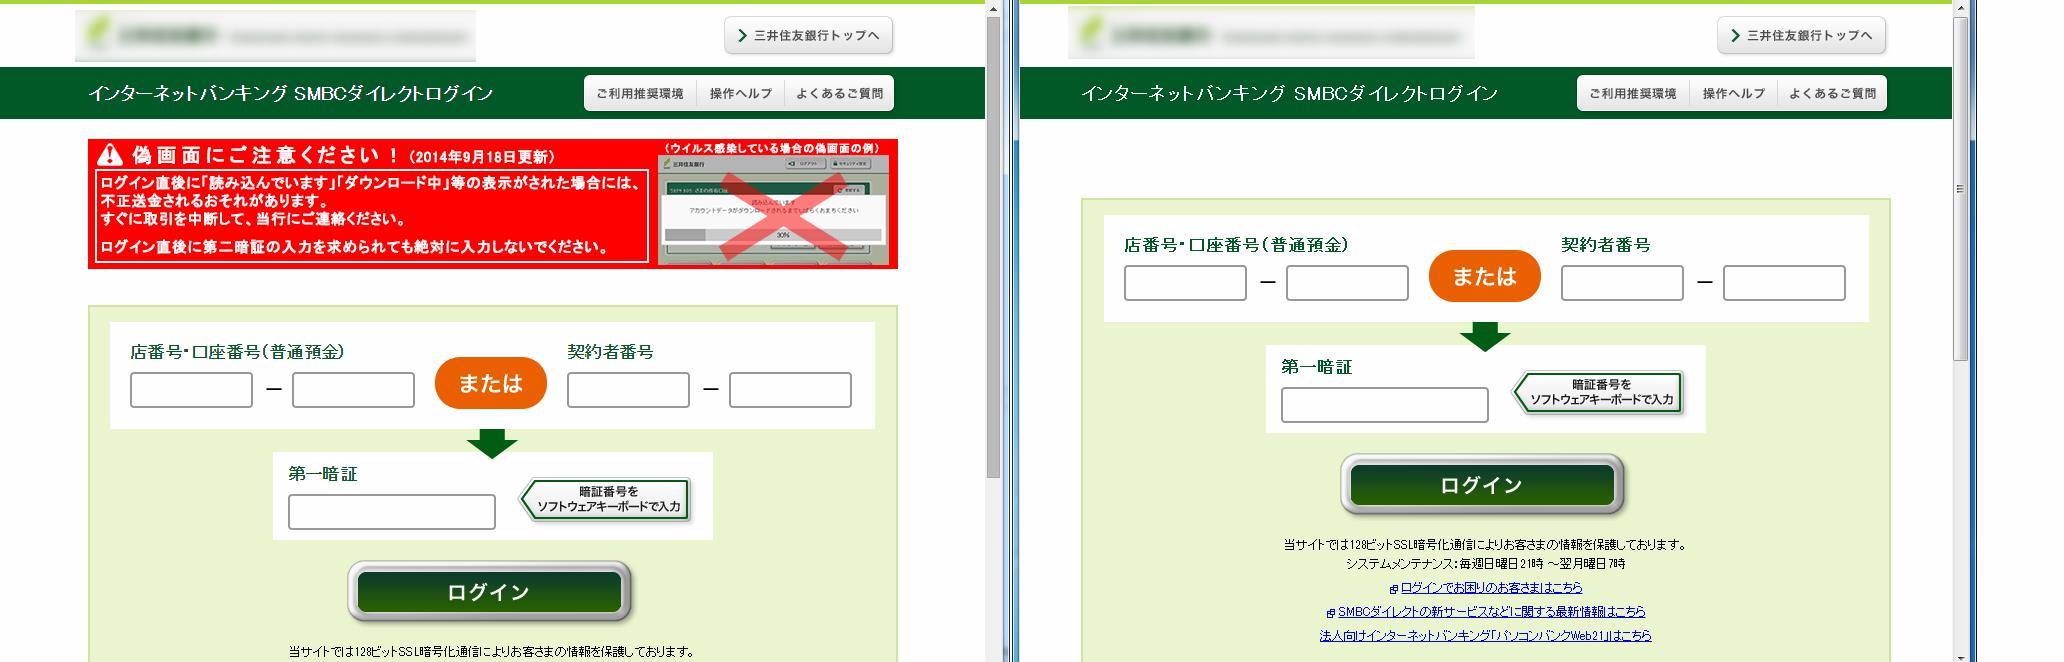 Скриншот страницы интернет-банкинга до и после инжекта